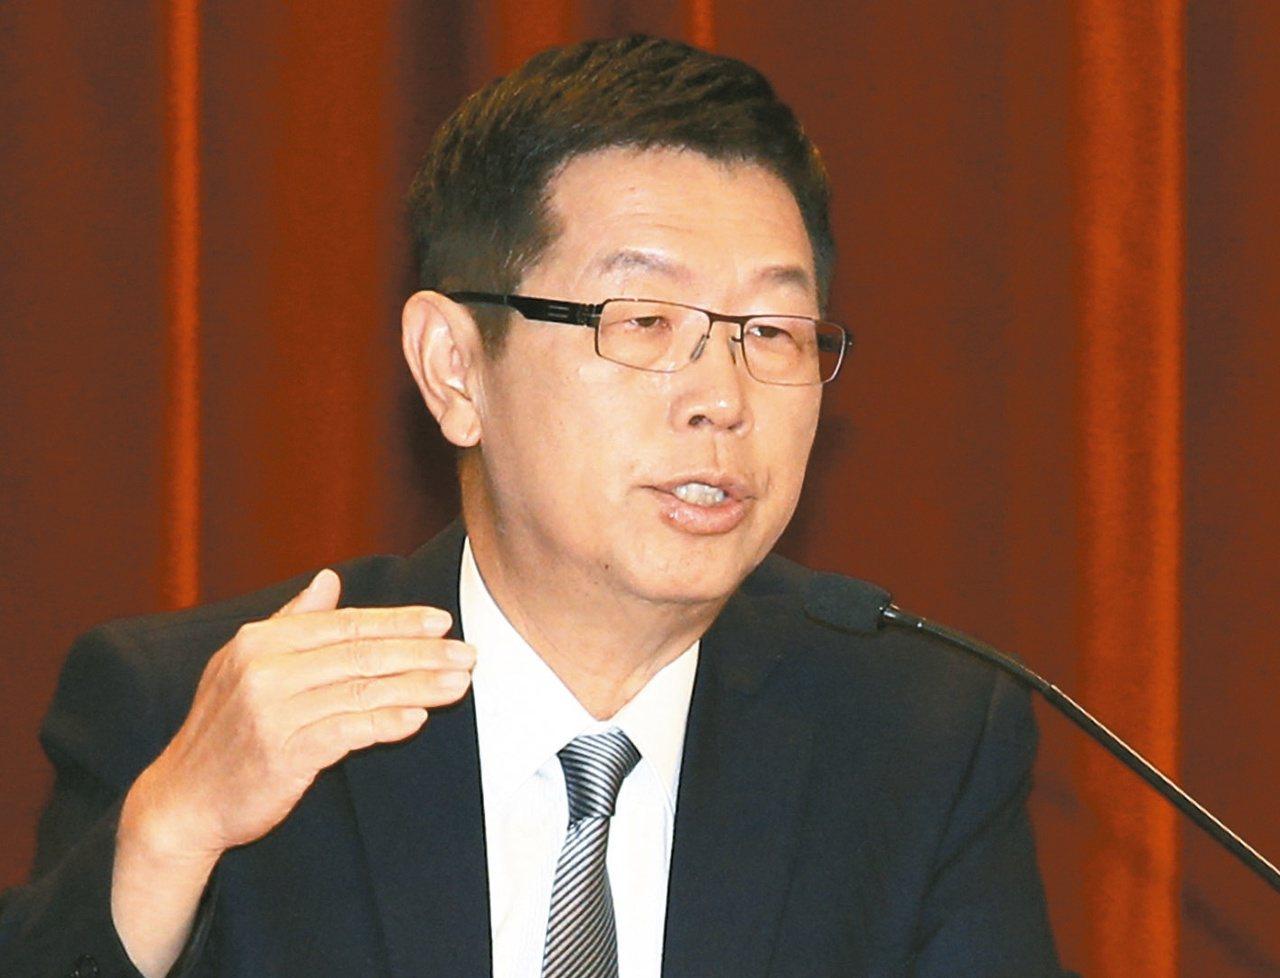 鴻海董事長劉揚偉。圖/聯合報系資料照片